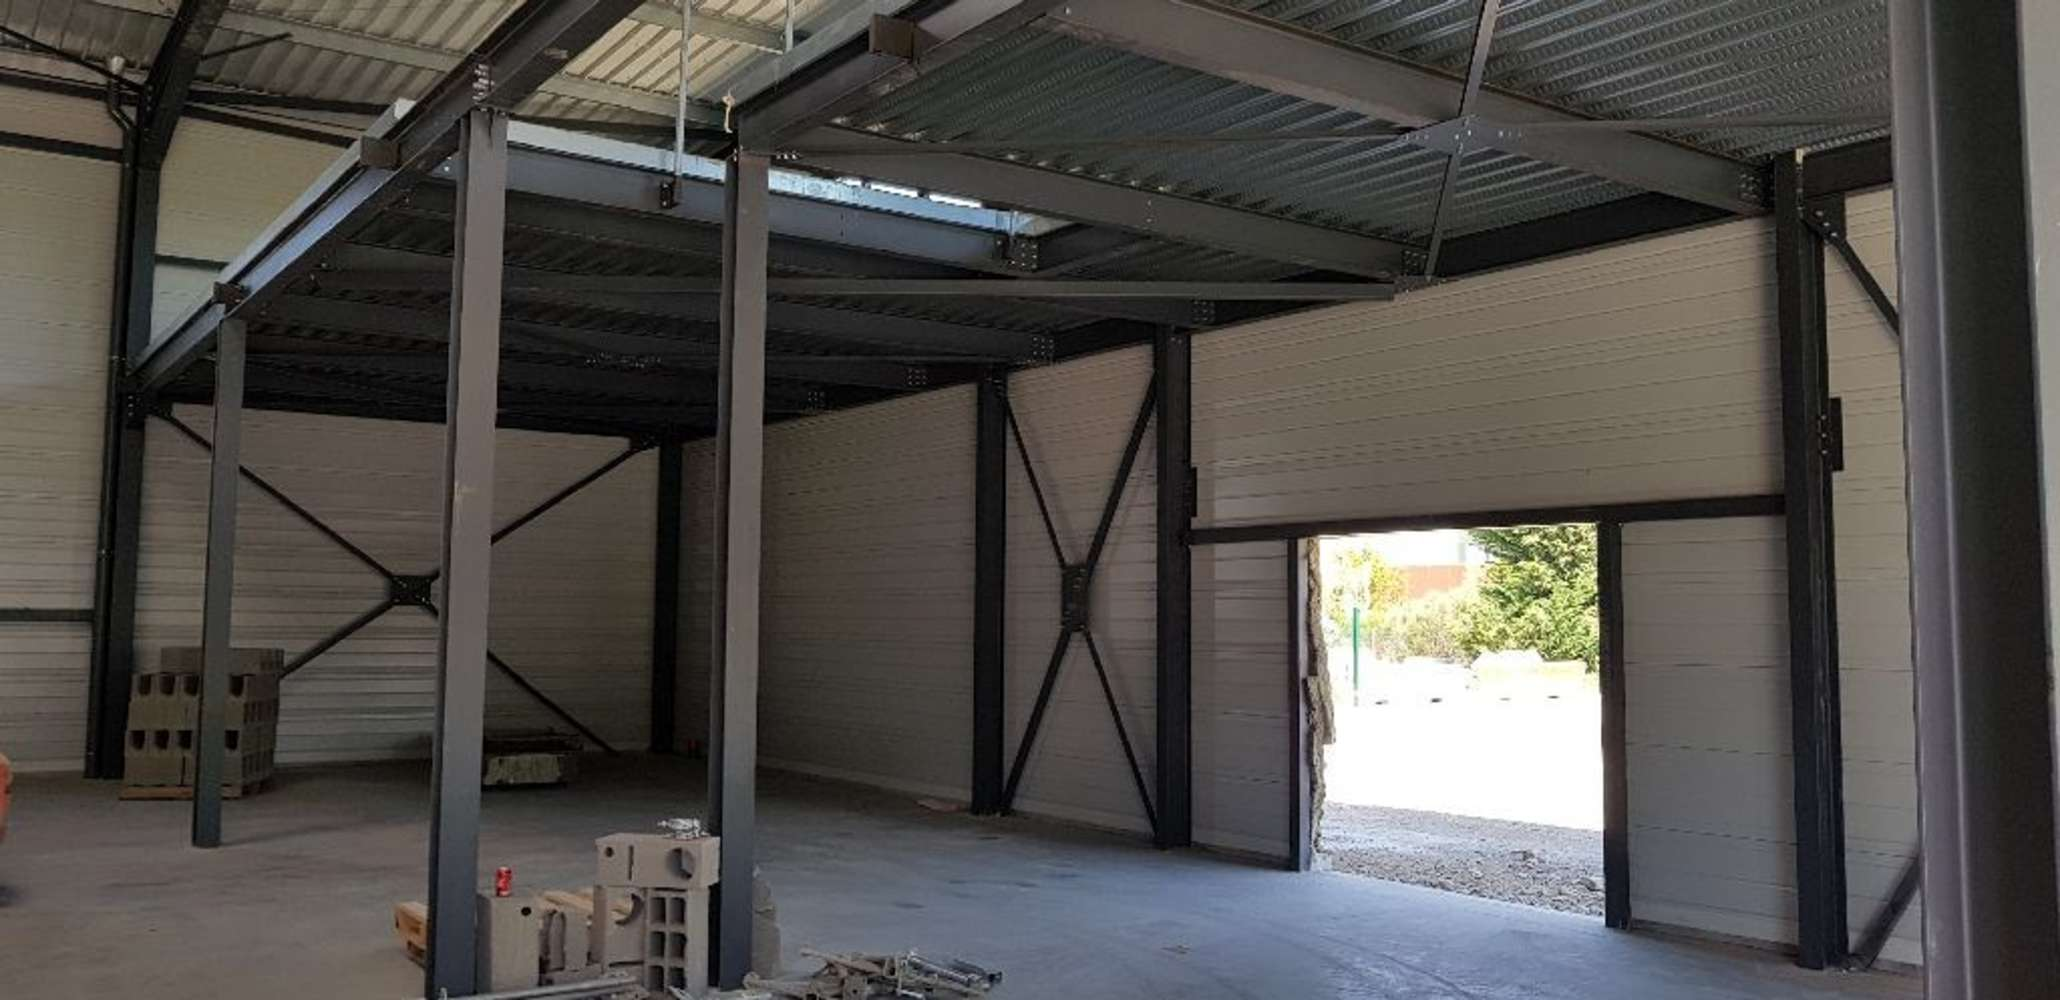 Activités/entrepôt Corbas, 69960 - Parc Montmartin - Entrepot à vendre Lyon - 9659120